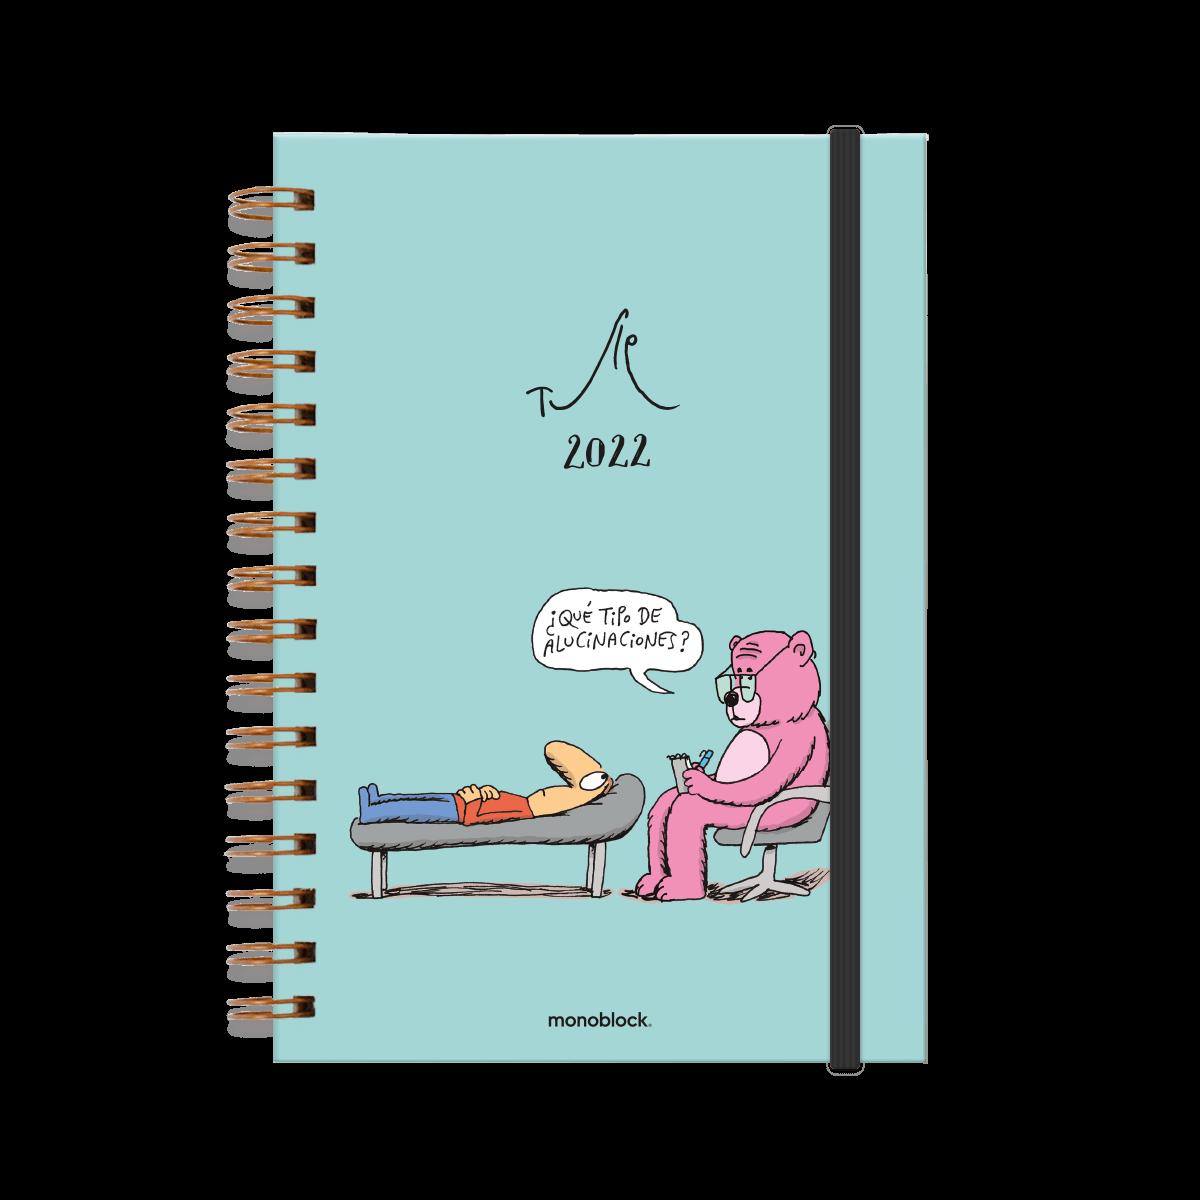 Tapa de agenda 2022 ilustrada por tute, en donde se ve un hombre recostado en un diván mirando a su psicólogo, que es un oso rosa con gafas y un anotador en la mano. El oso le está preguntando ¿Qué tipo de alucinaciones?